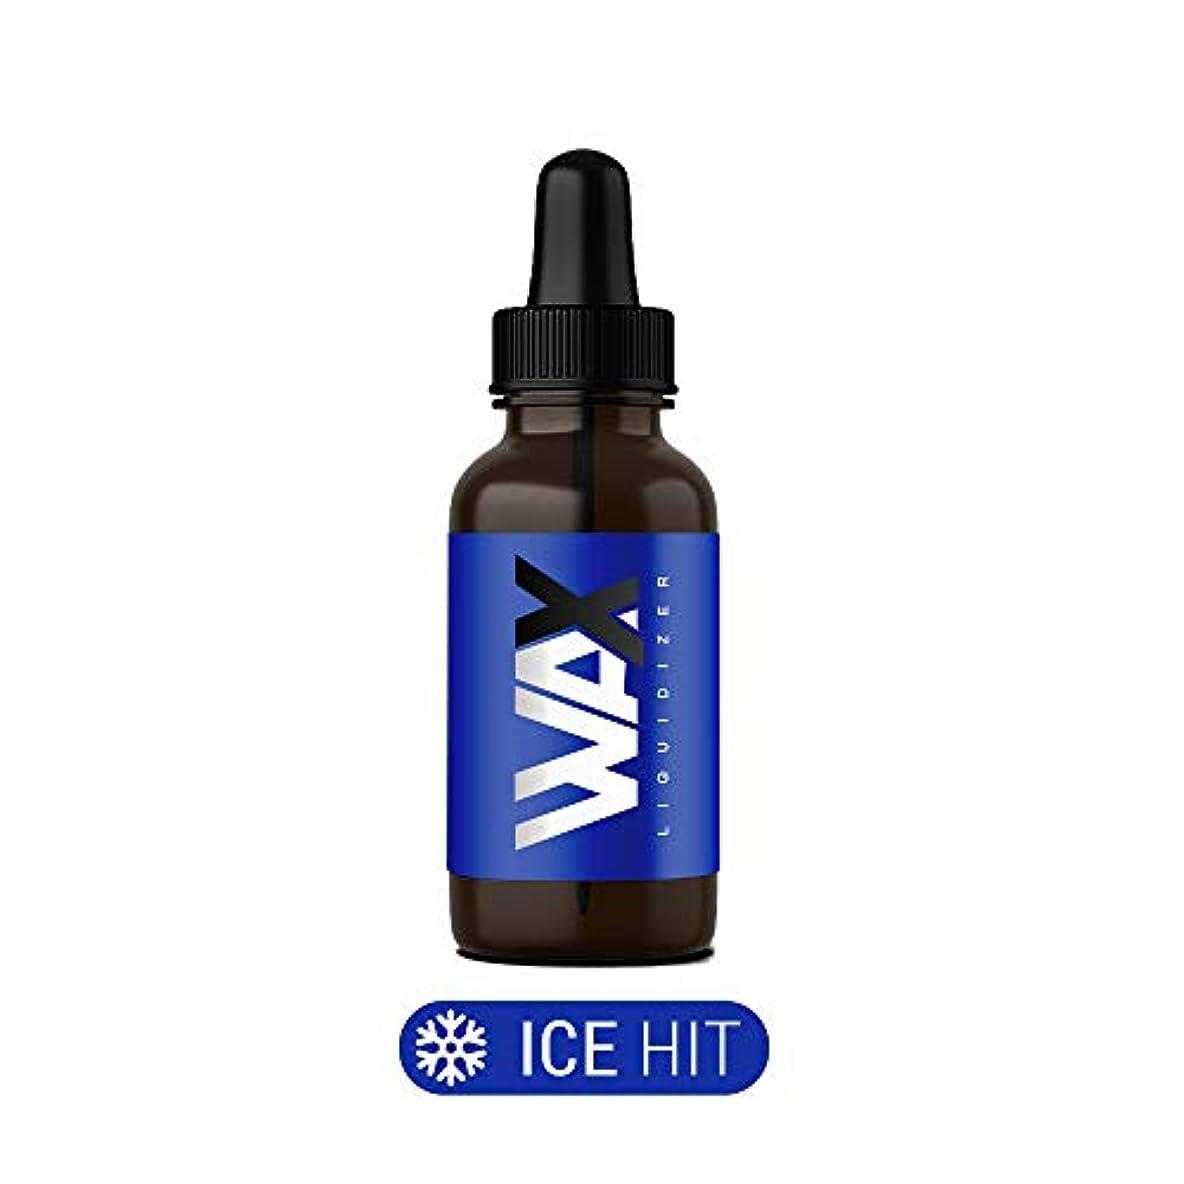 法的発表する社会ワックスリクダイザープレミアムベイプジュース|電子液体|ニコチンフリー| 100 ML |コロラド州から| FDA承認済み(アイスヒット)